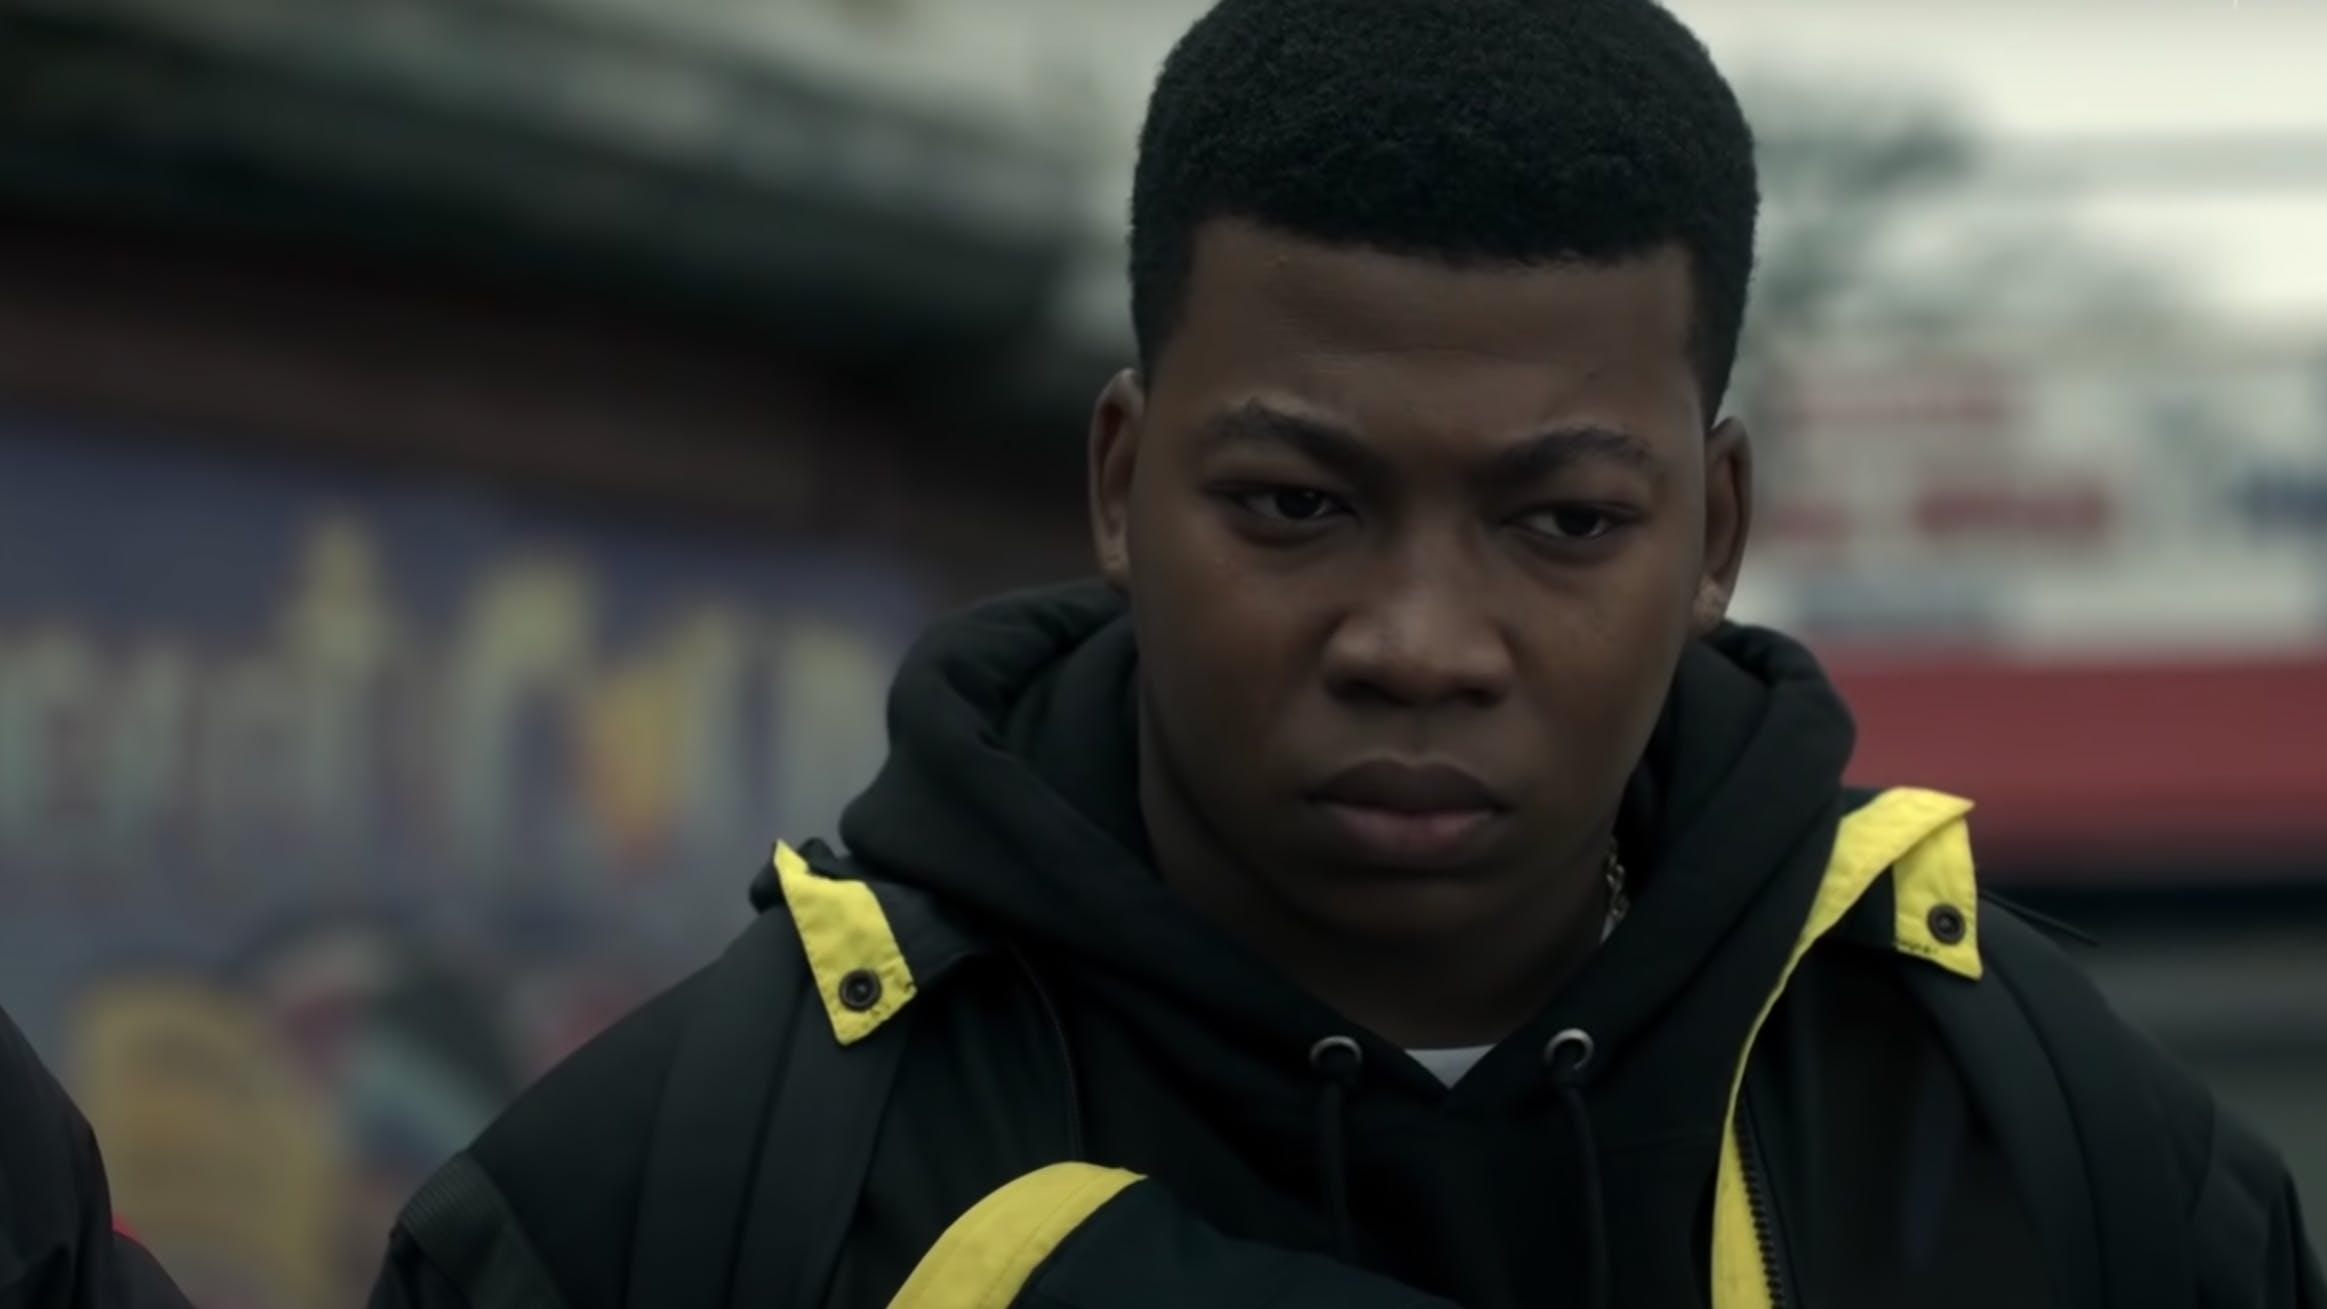 Der 20-jährige Mekai Curtis wird im Prequel die Rolle des Kanan übernehmen.Jackson selbst wird dabei nur noch als Erzähler fungieren.